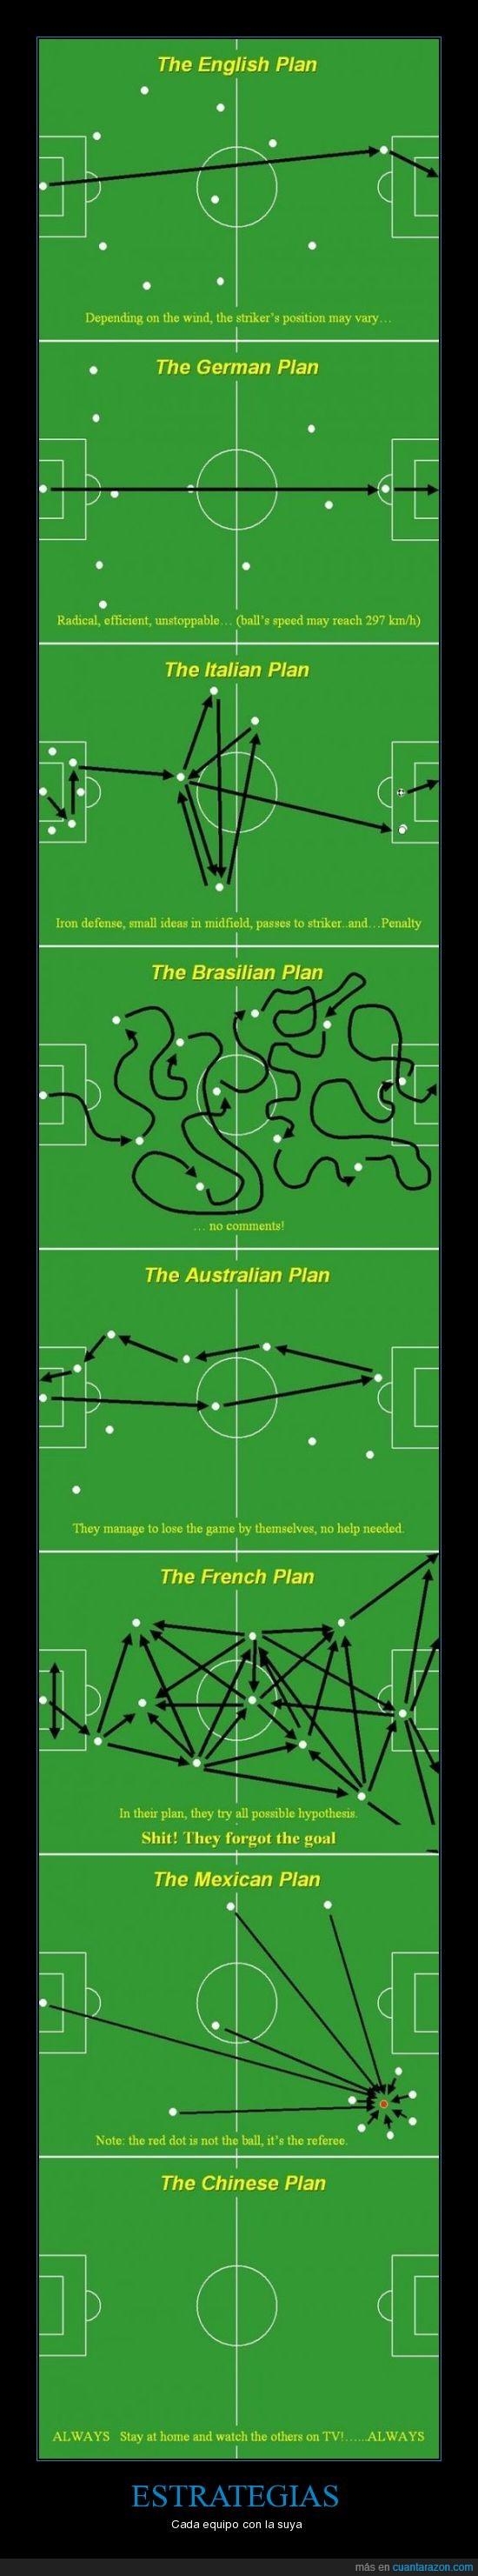 equipos,estrategias,Futbol,paises